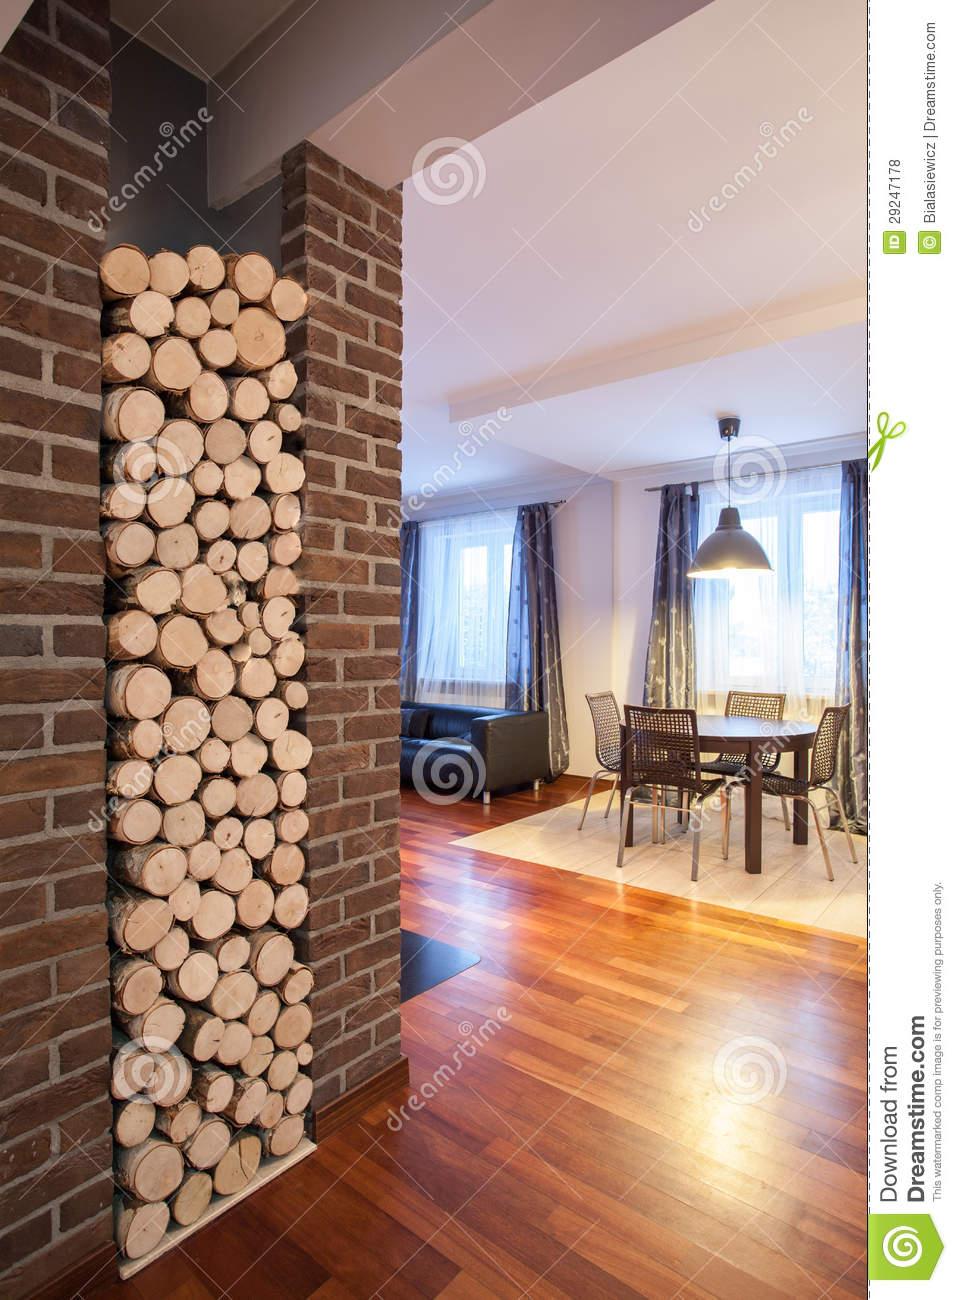 Landhaus Wohnzimmer stockfoto Bild von zuhause